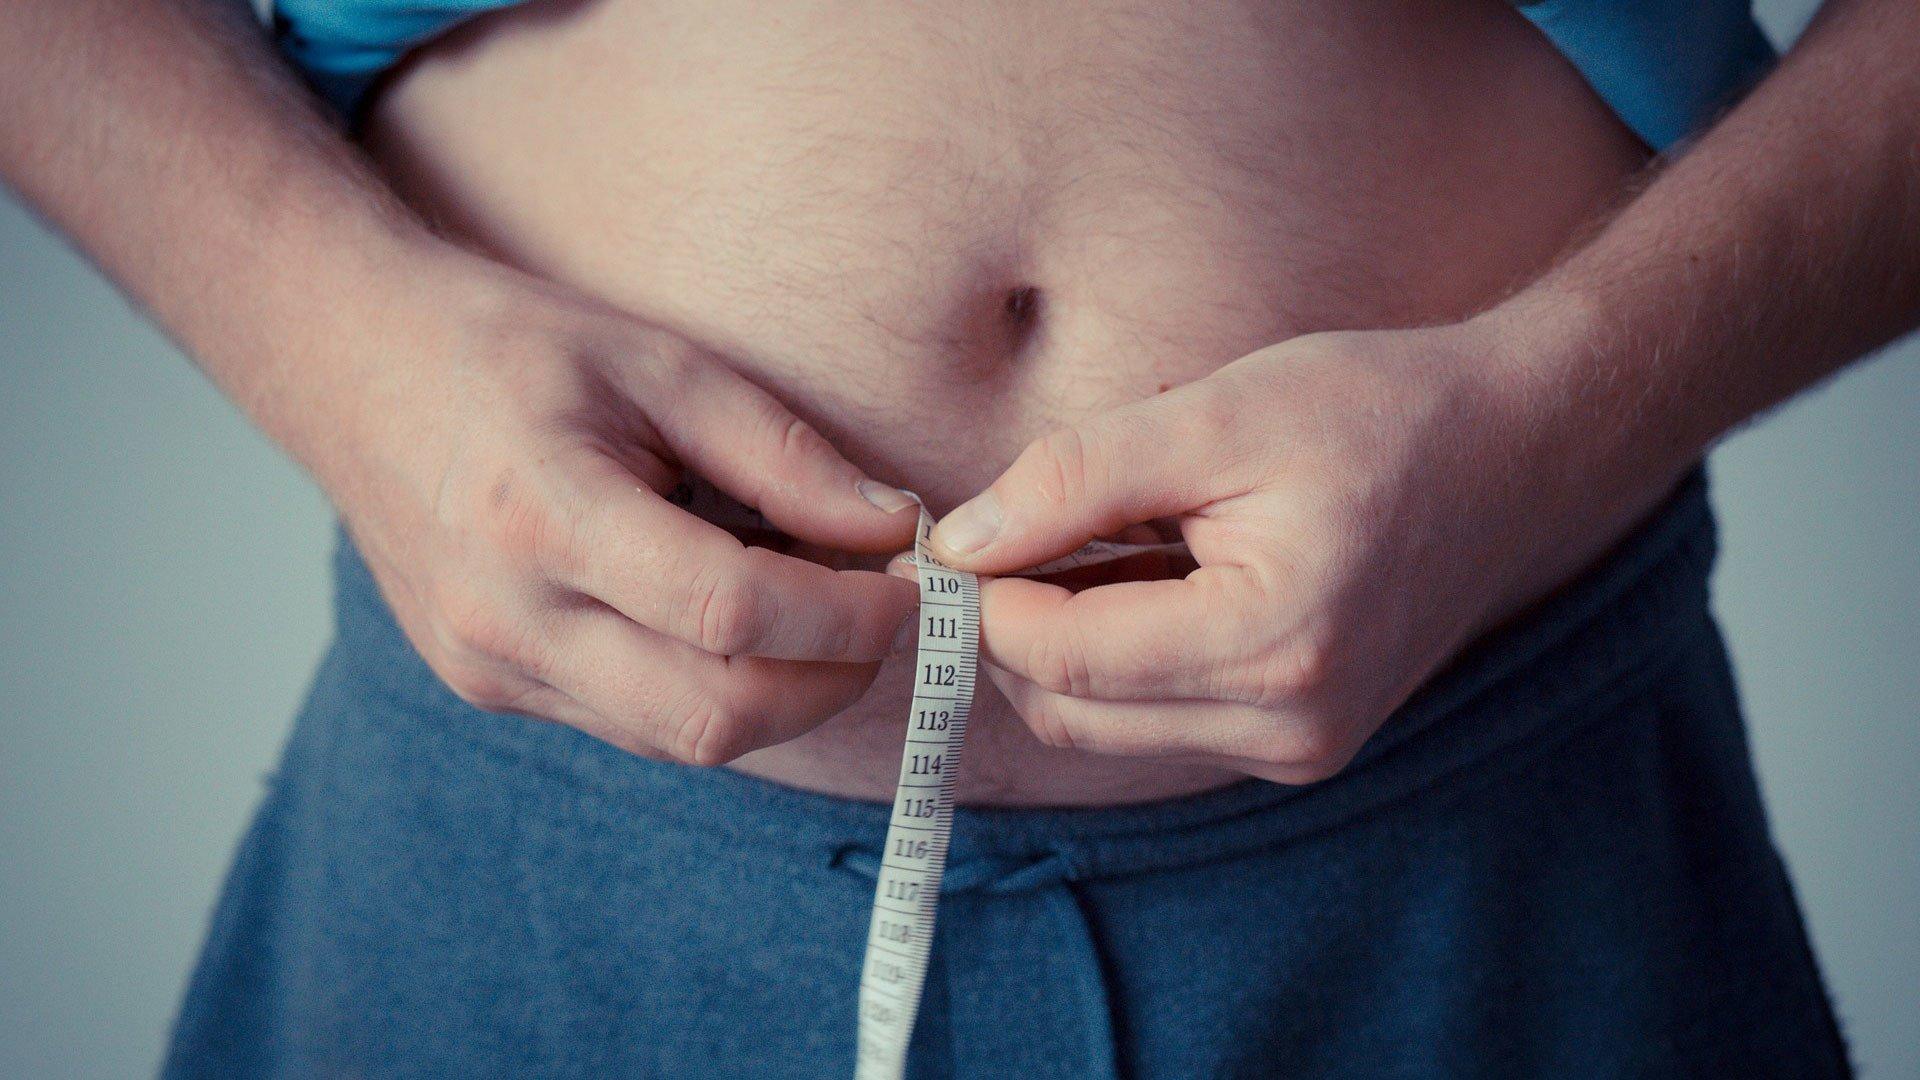 Абдоминальное ожирение действительно опасно для сердца и сосудов?